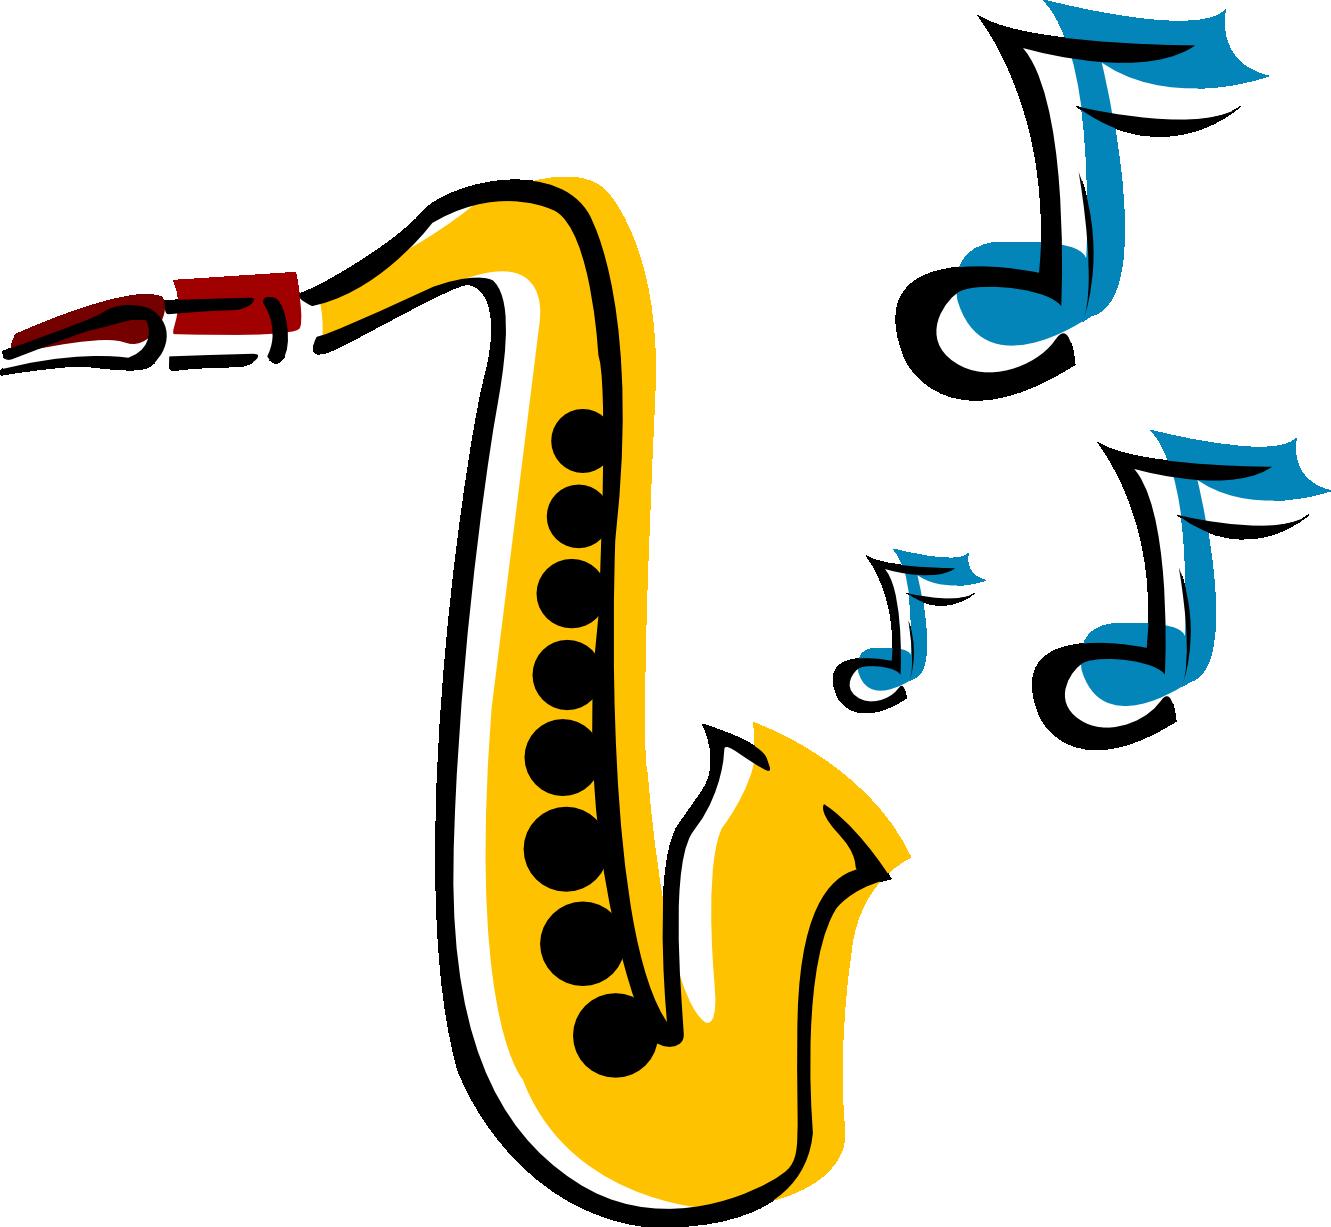 Saxophone Clipart & Saxophone Clip Art Images.